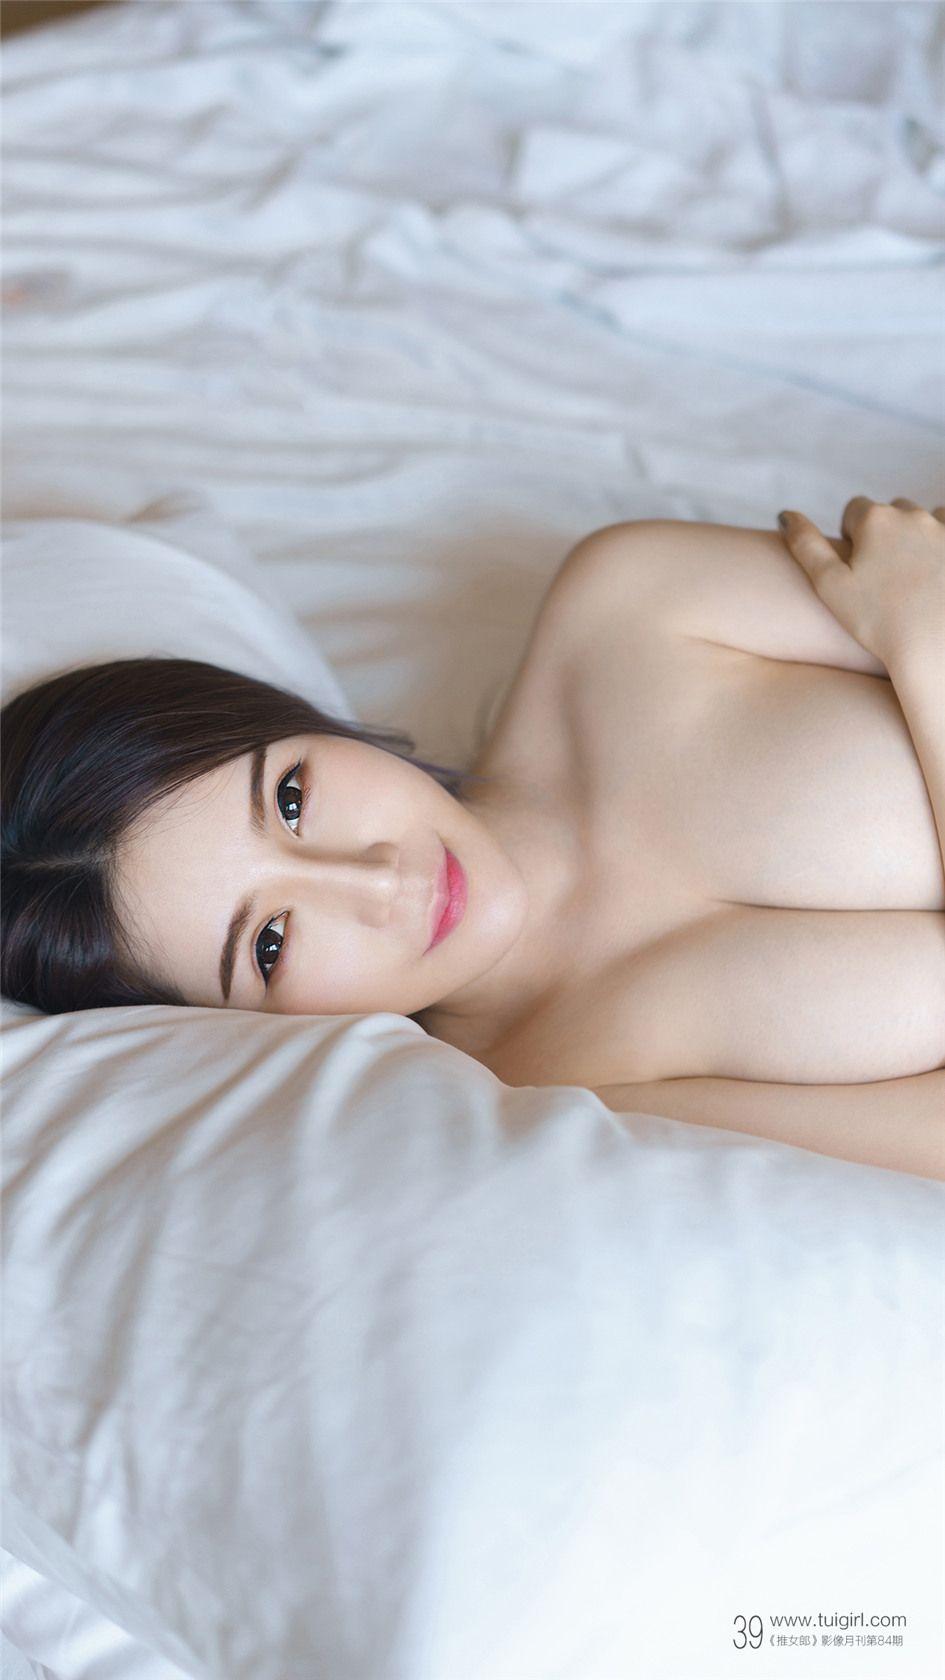 [推女郎] 气质白嫩陈秋雨大尺度人体展示性感图片 第084期